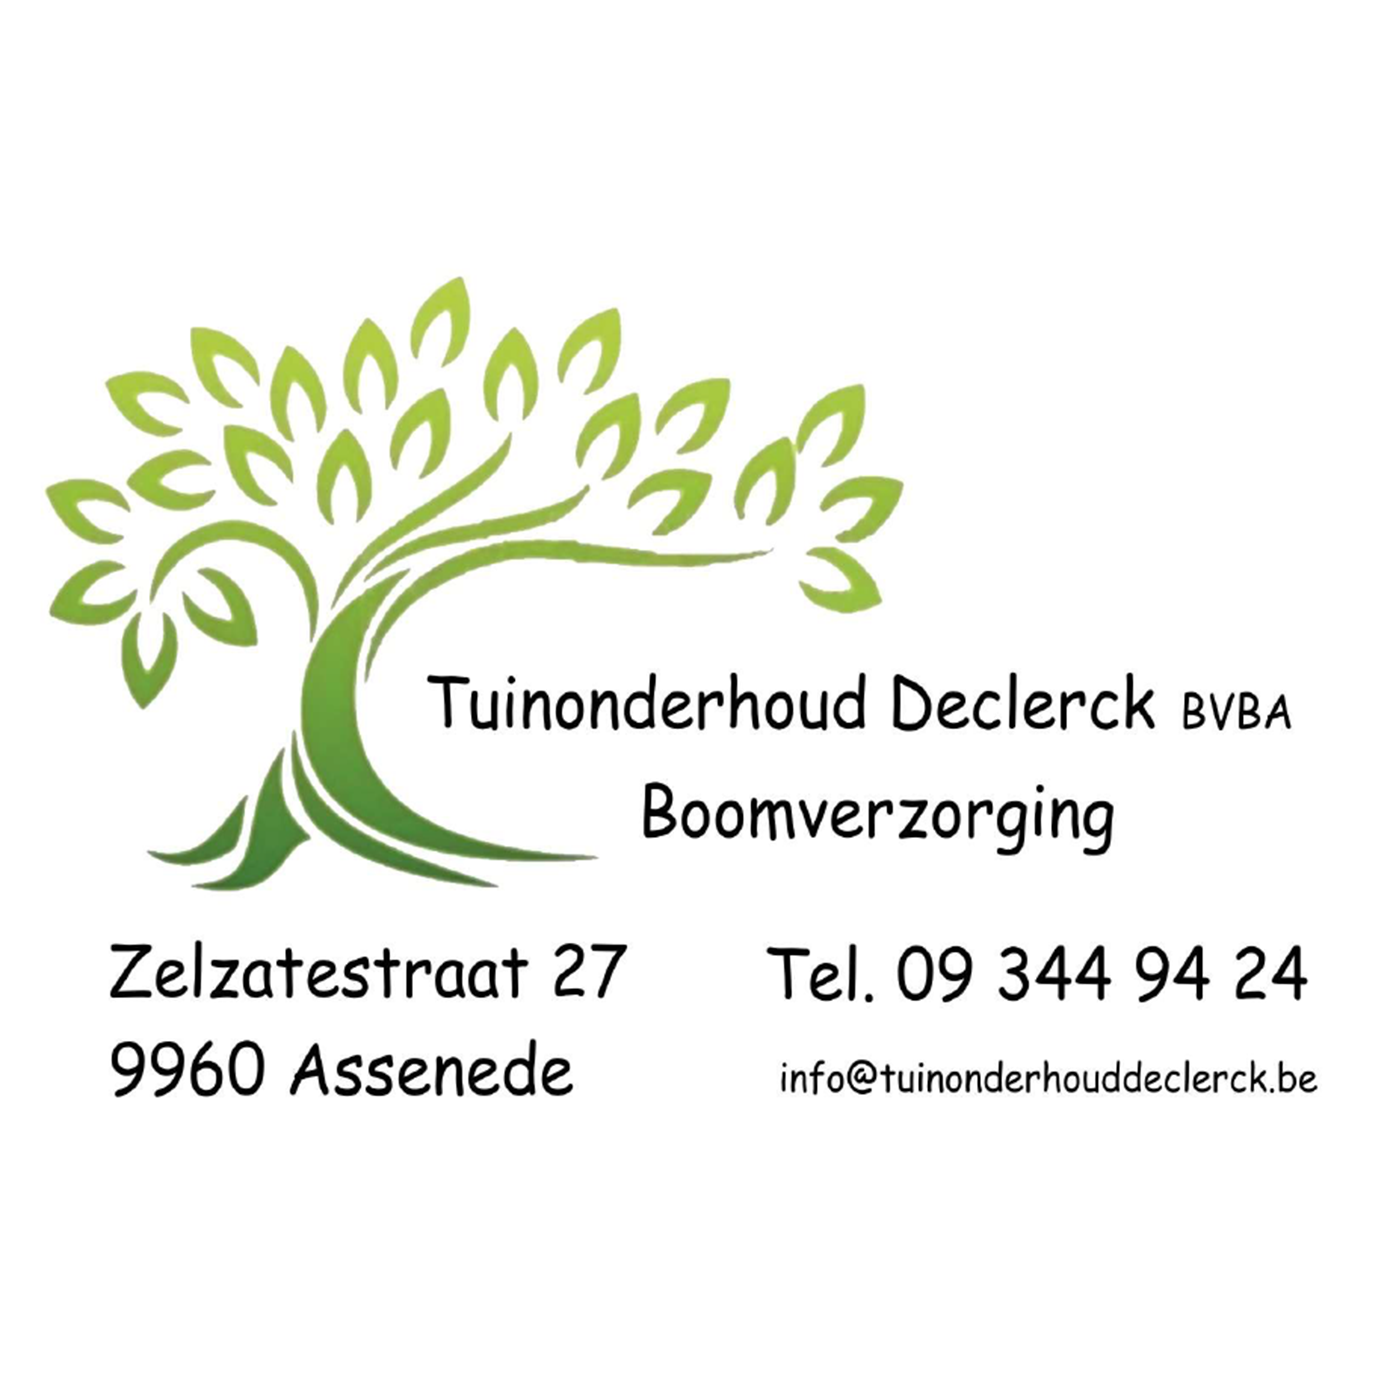 Tuionderhoud Declerck